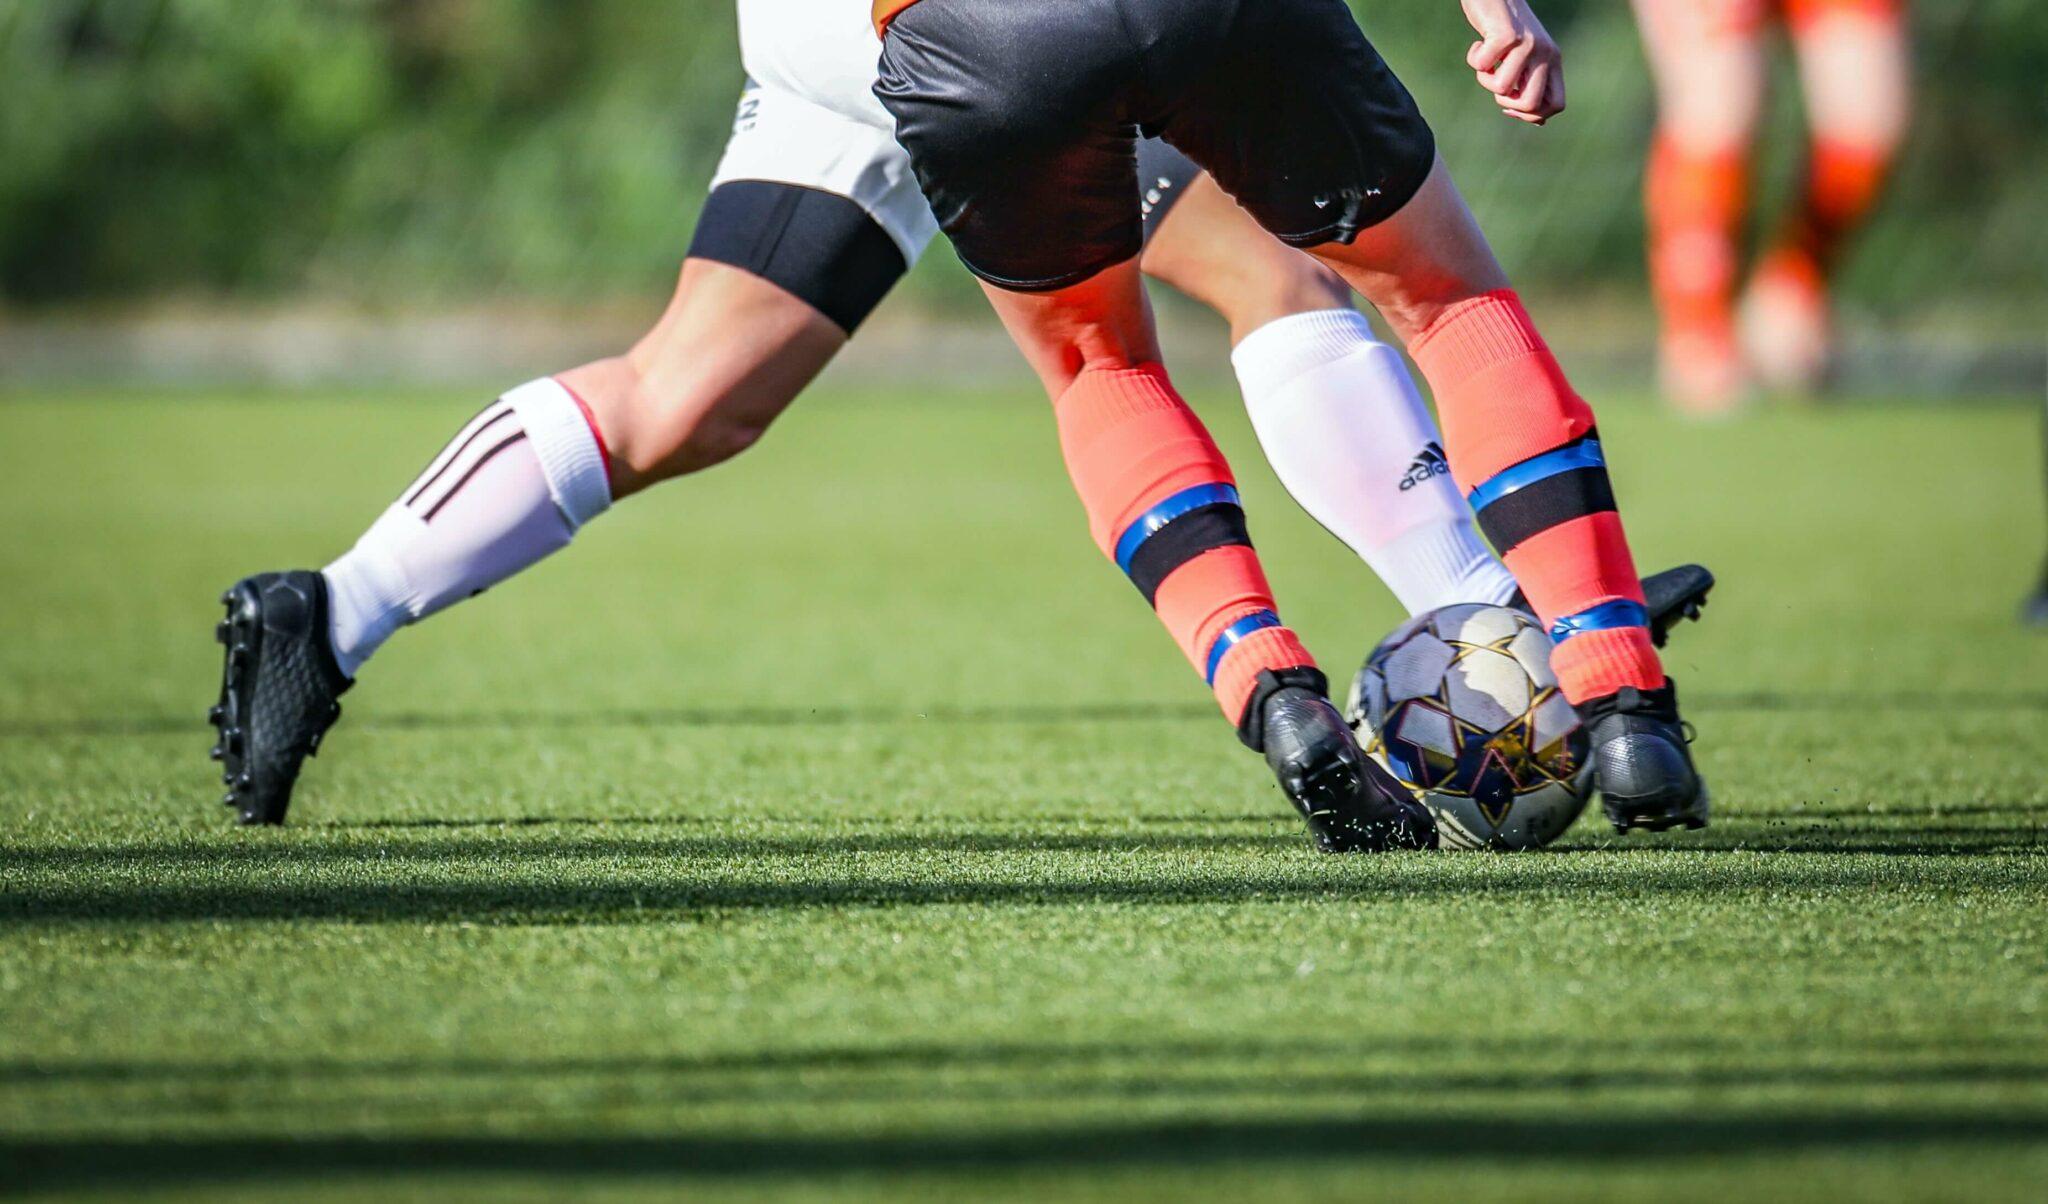 Två fotbollsspelare i närkamp om fotboll